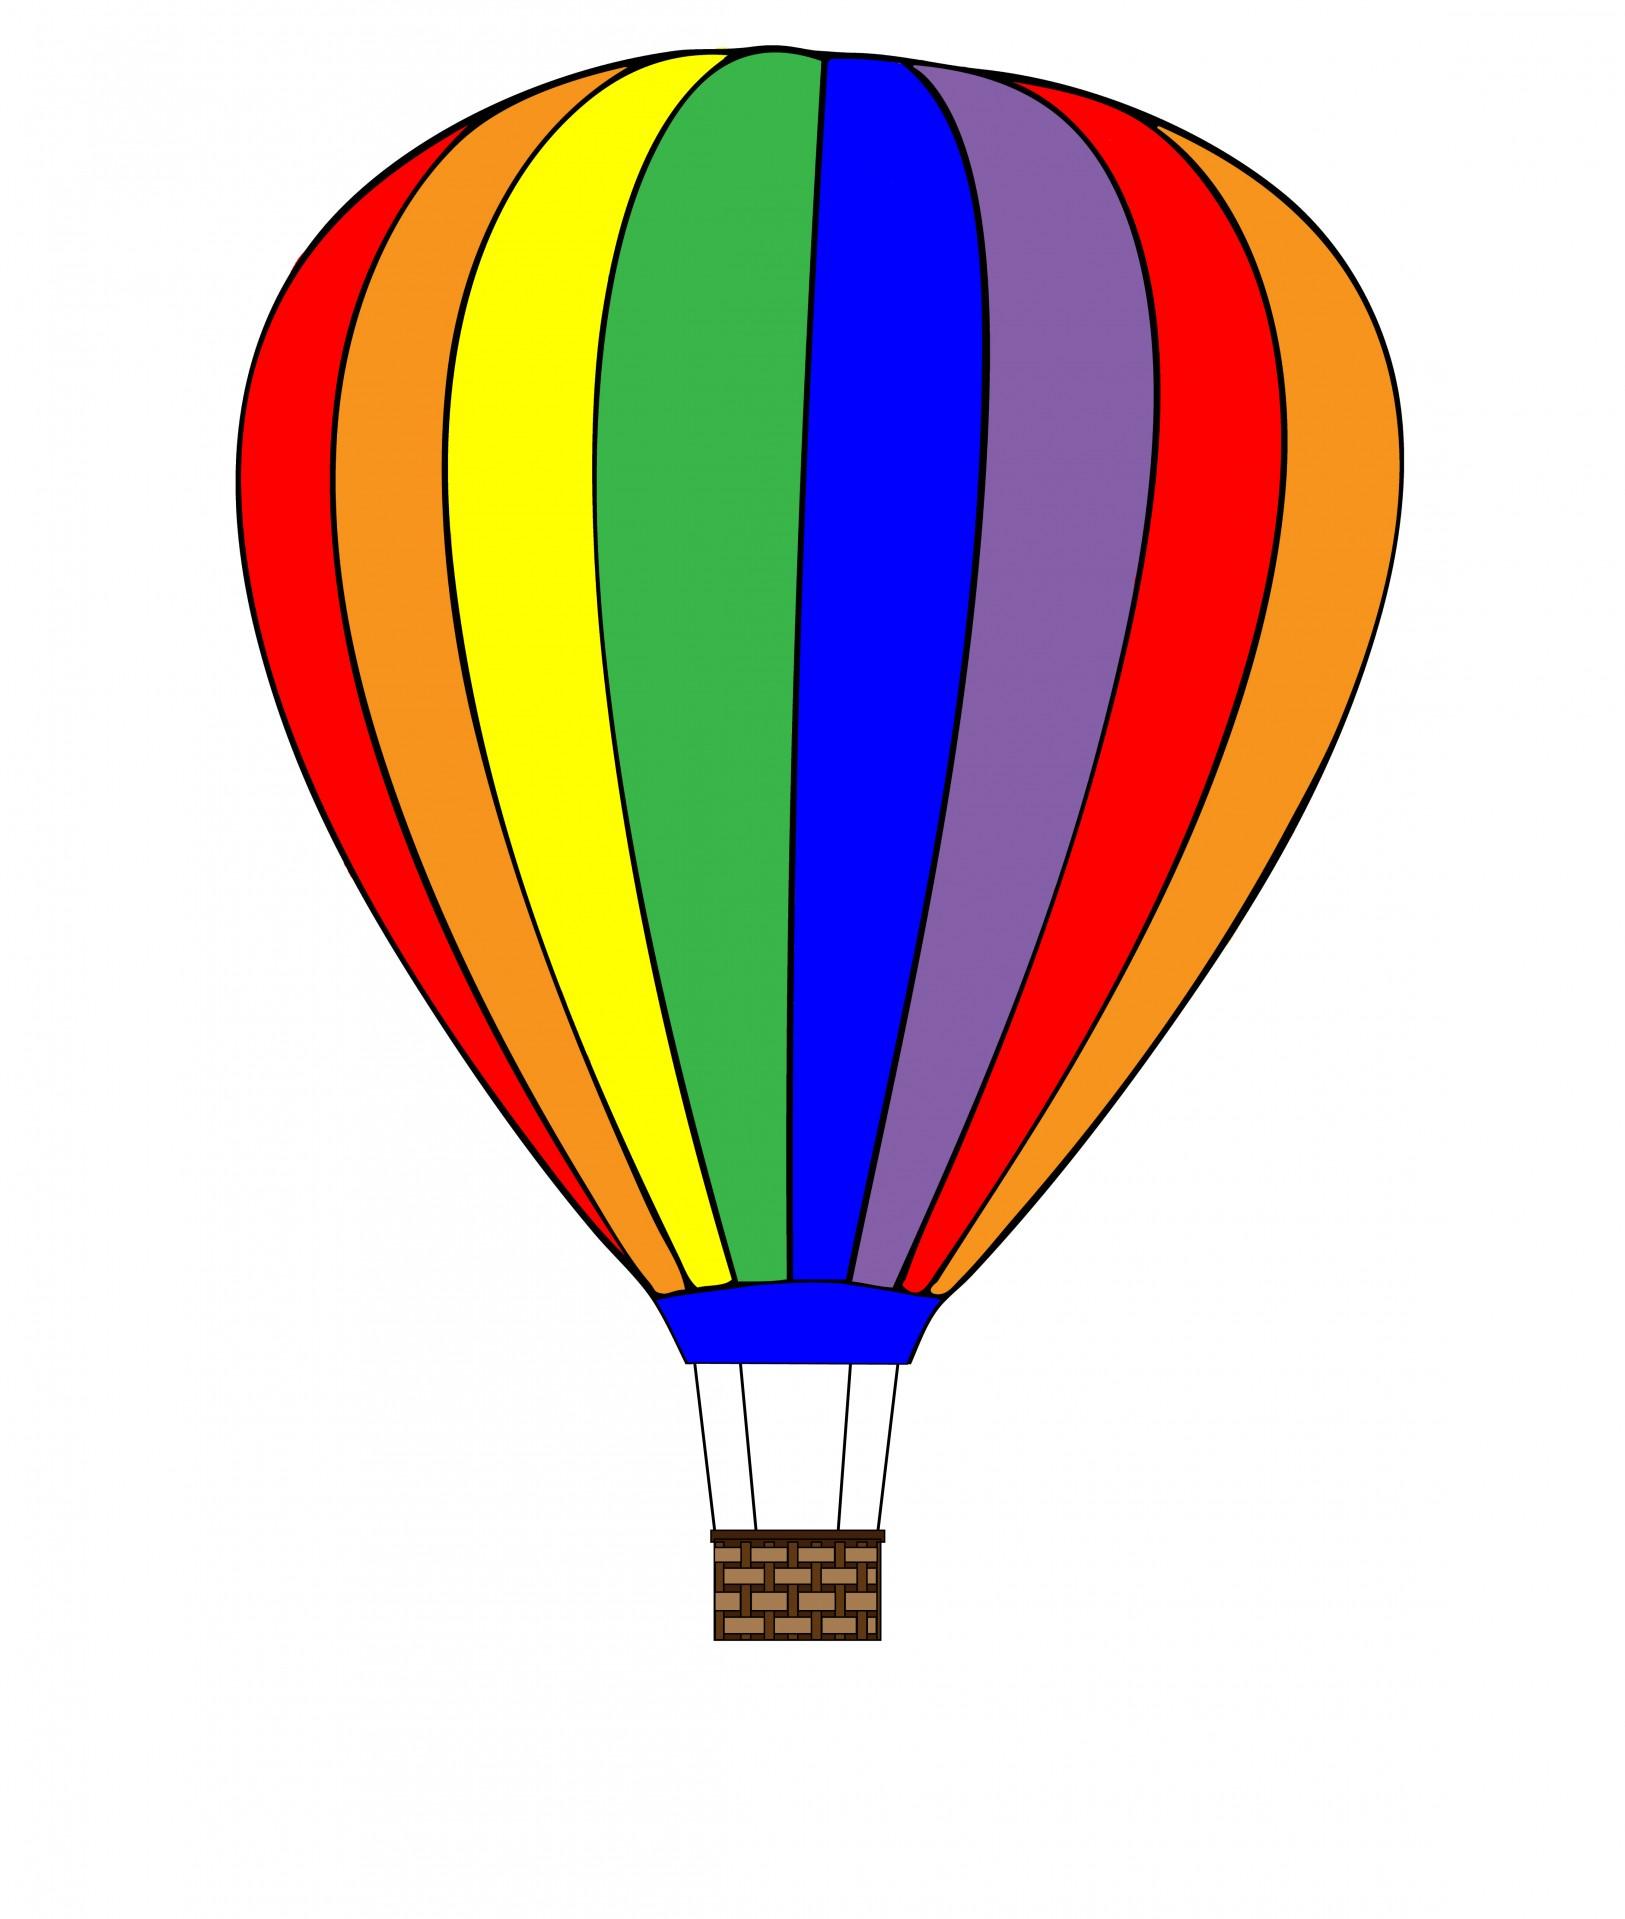 1625x1919 Hot Air Balloon Clipart Free Stock Photo